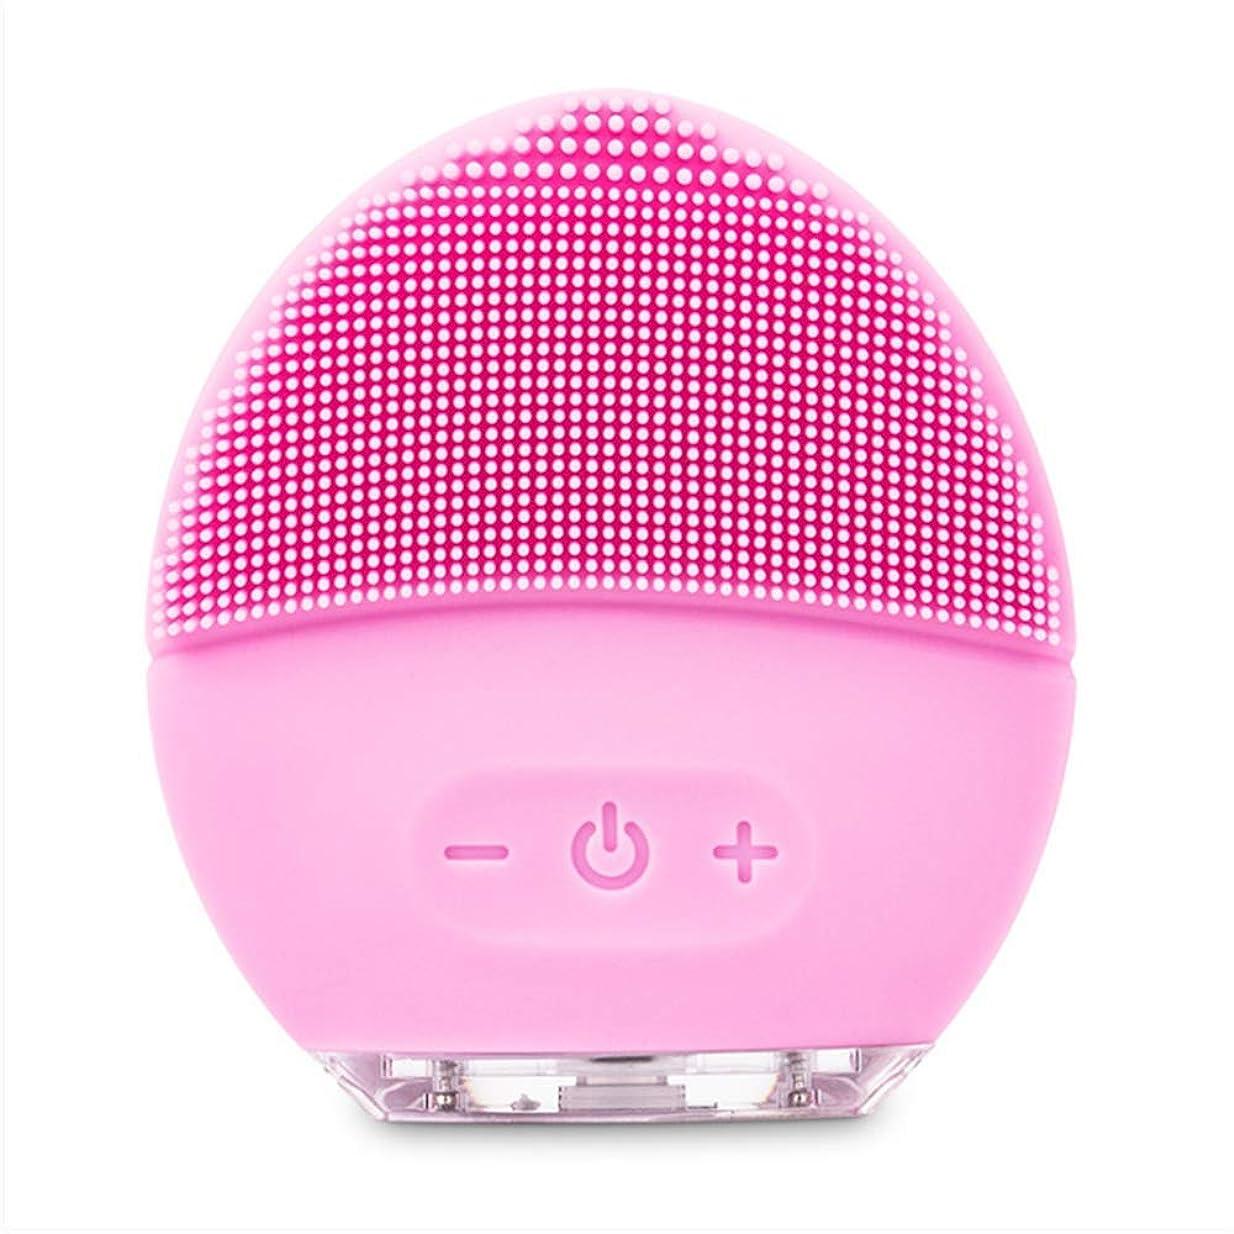 YANGDIピンク新シリコーンクレンジングインストゥルメント電気洗浄器具超音波美容楽器フェイスポアクリーナー